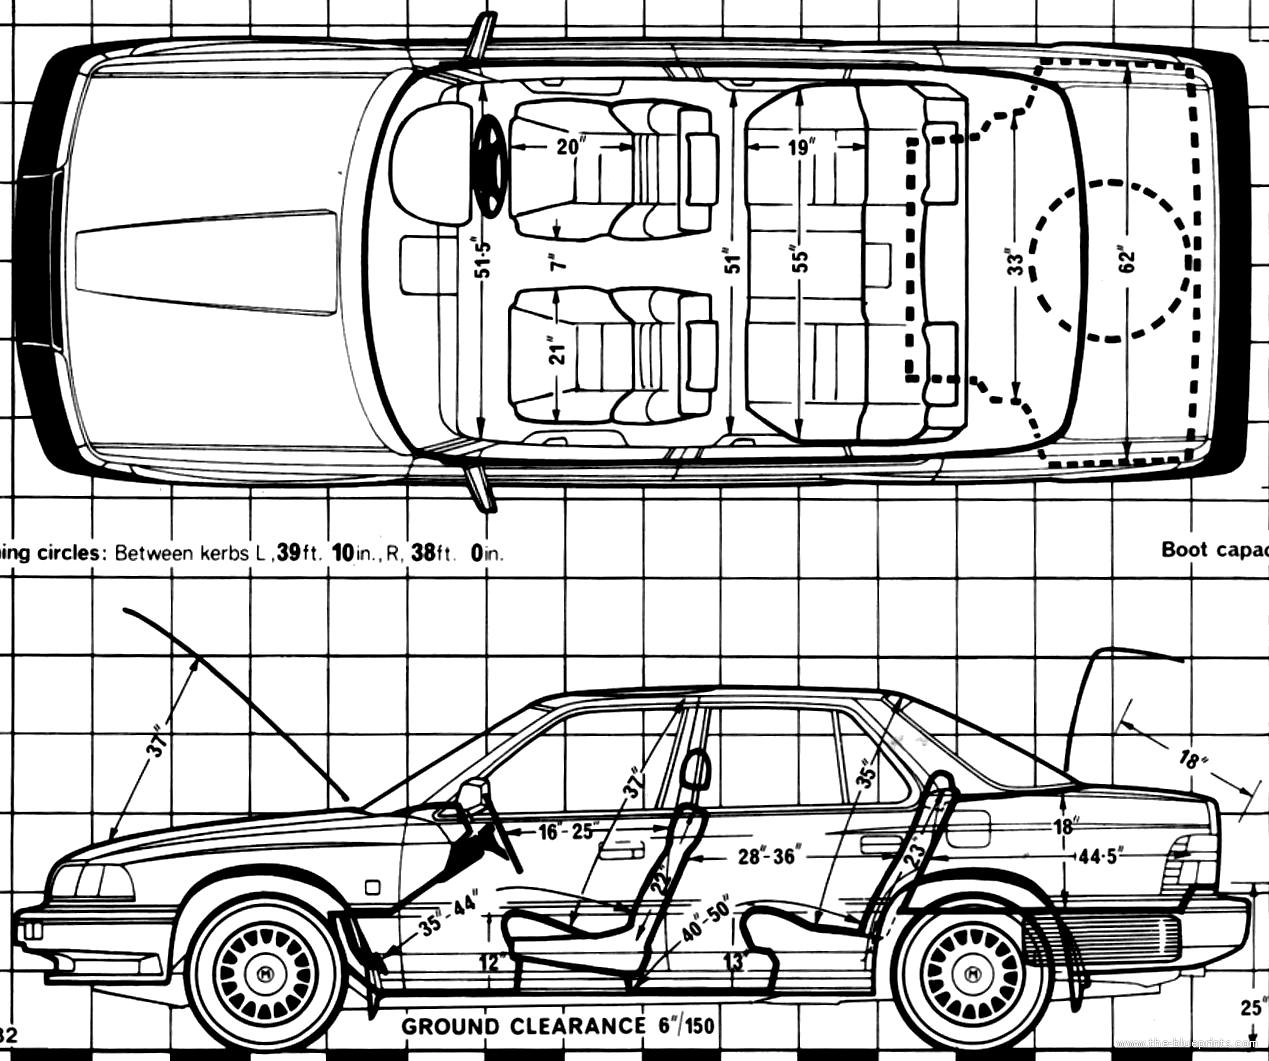 Blueprints > Cars > Honda > Honda Legend (1988)